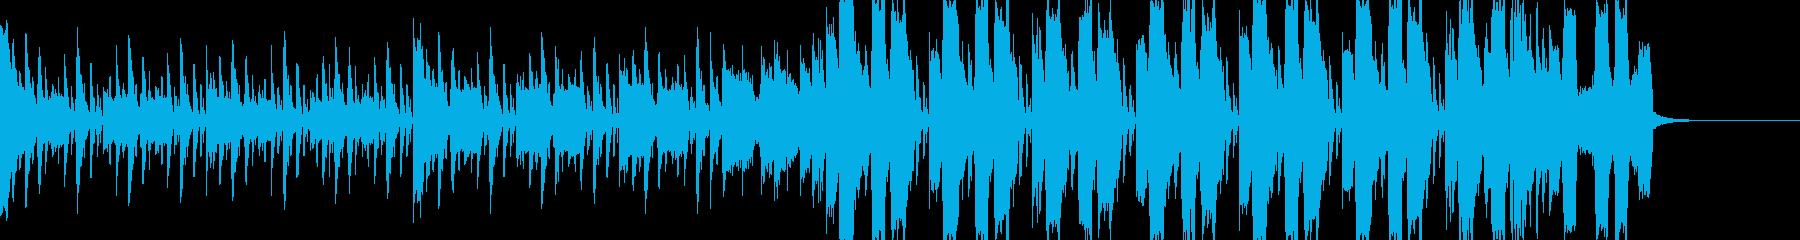 シンプルなチップチューンの再生済みの波形